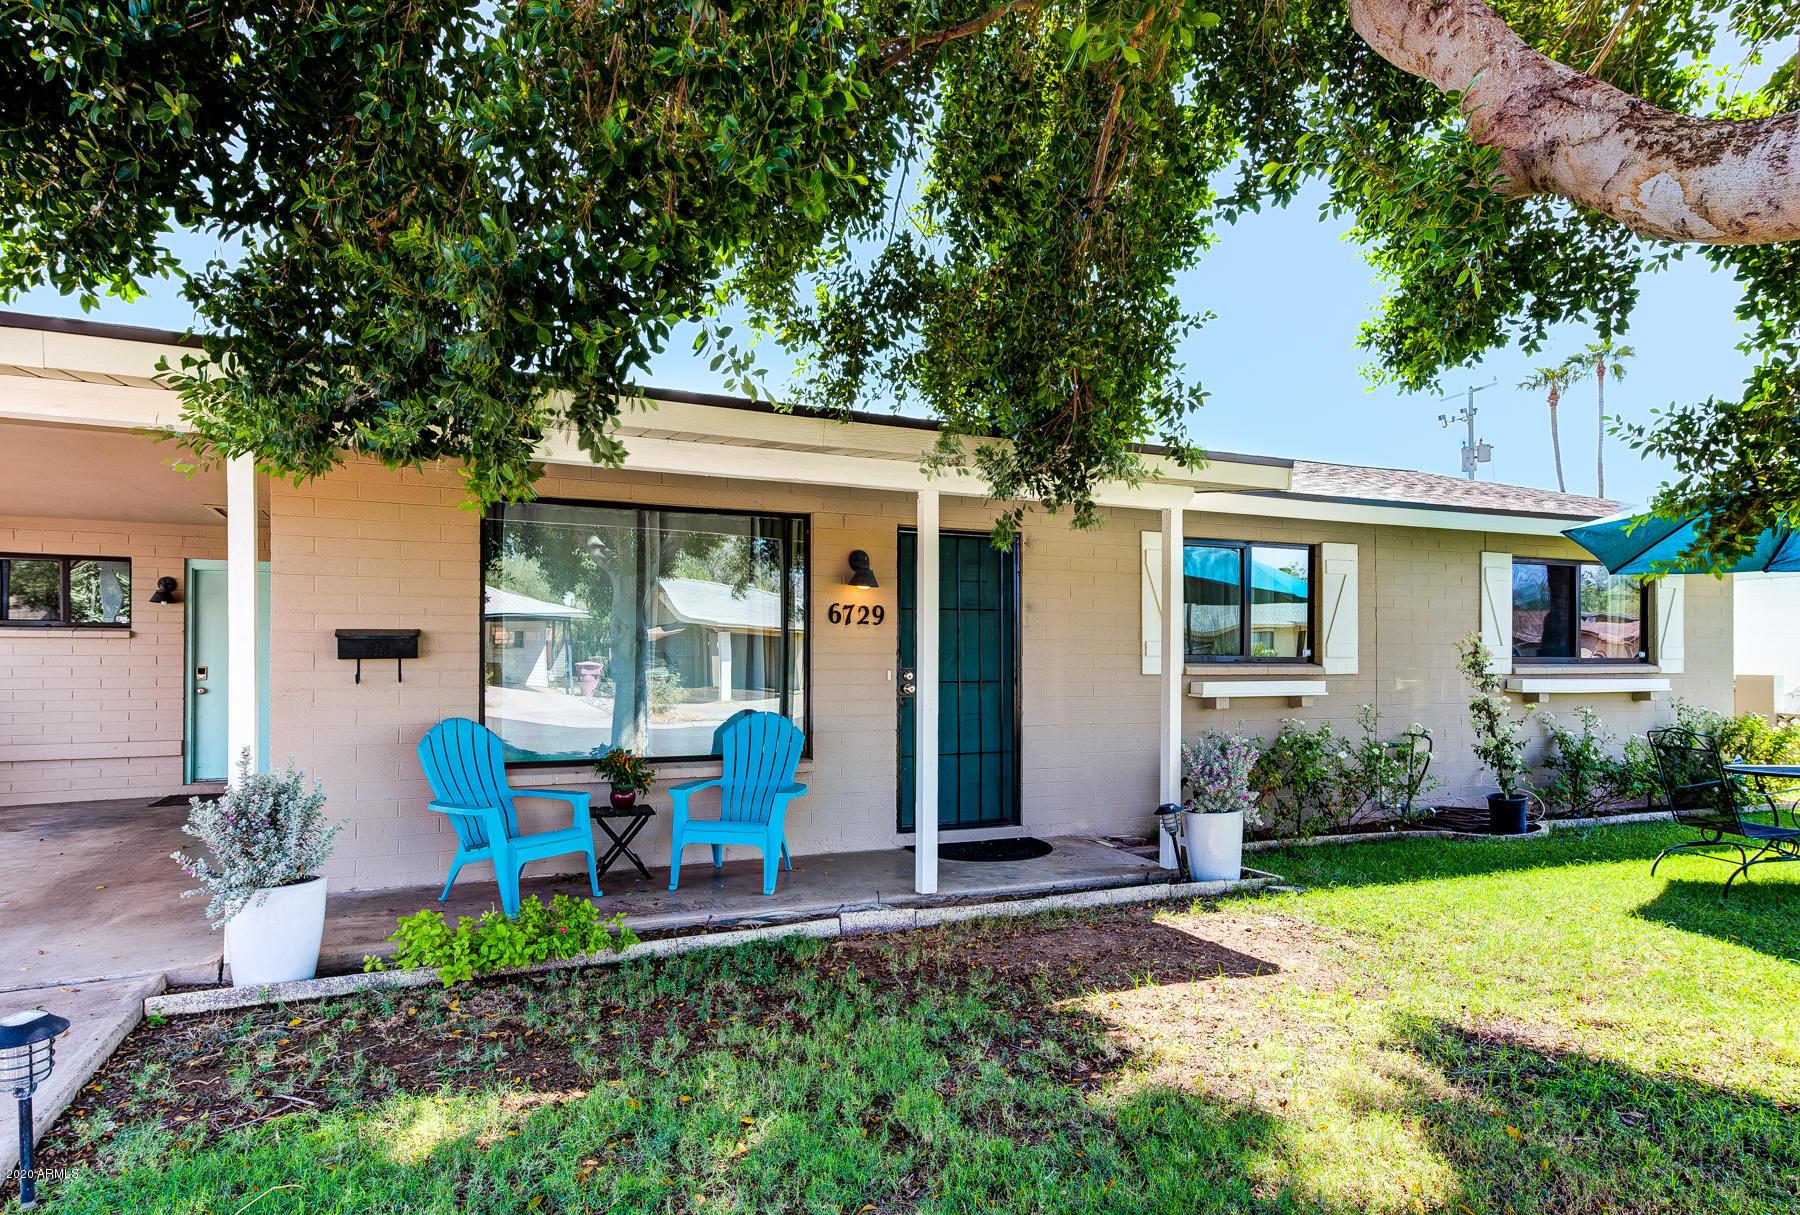 6729 E 1st Avenue, Scottsdale AZ 85251 - Photo 2